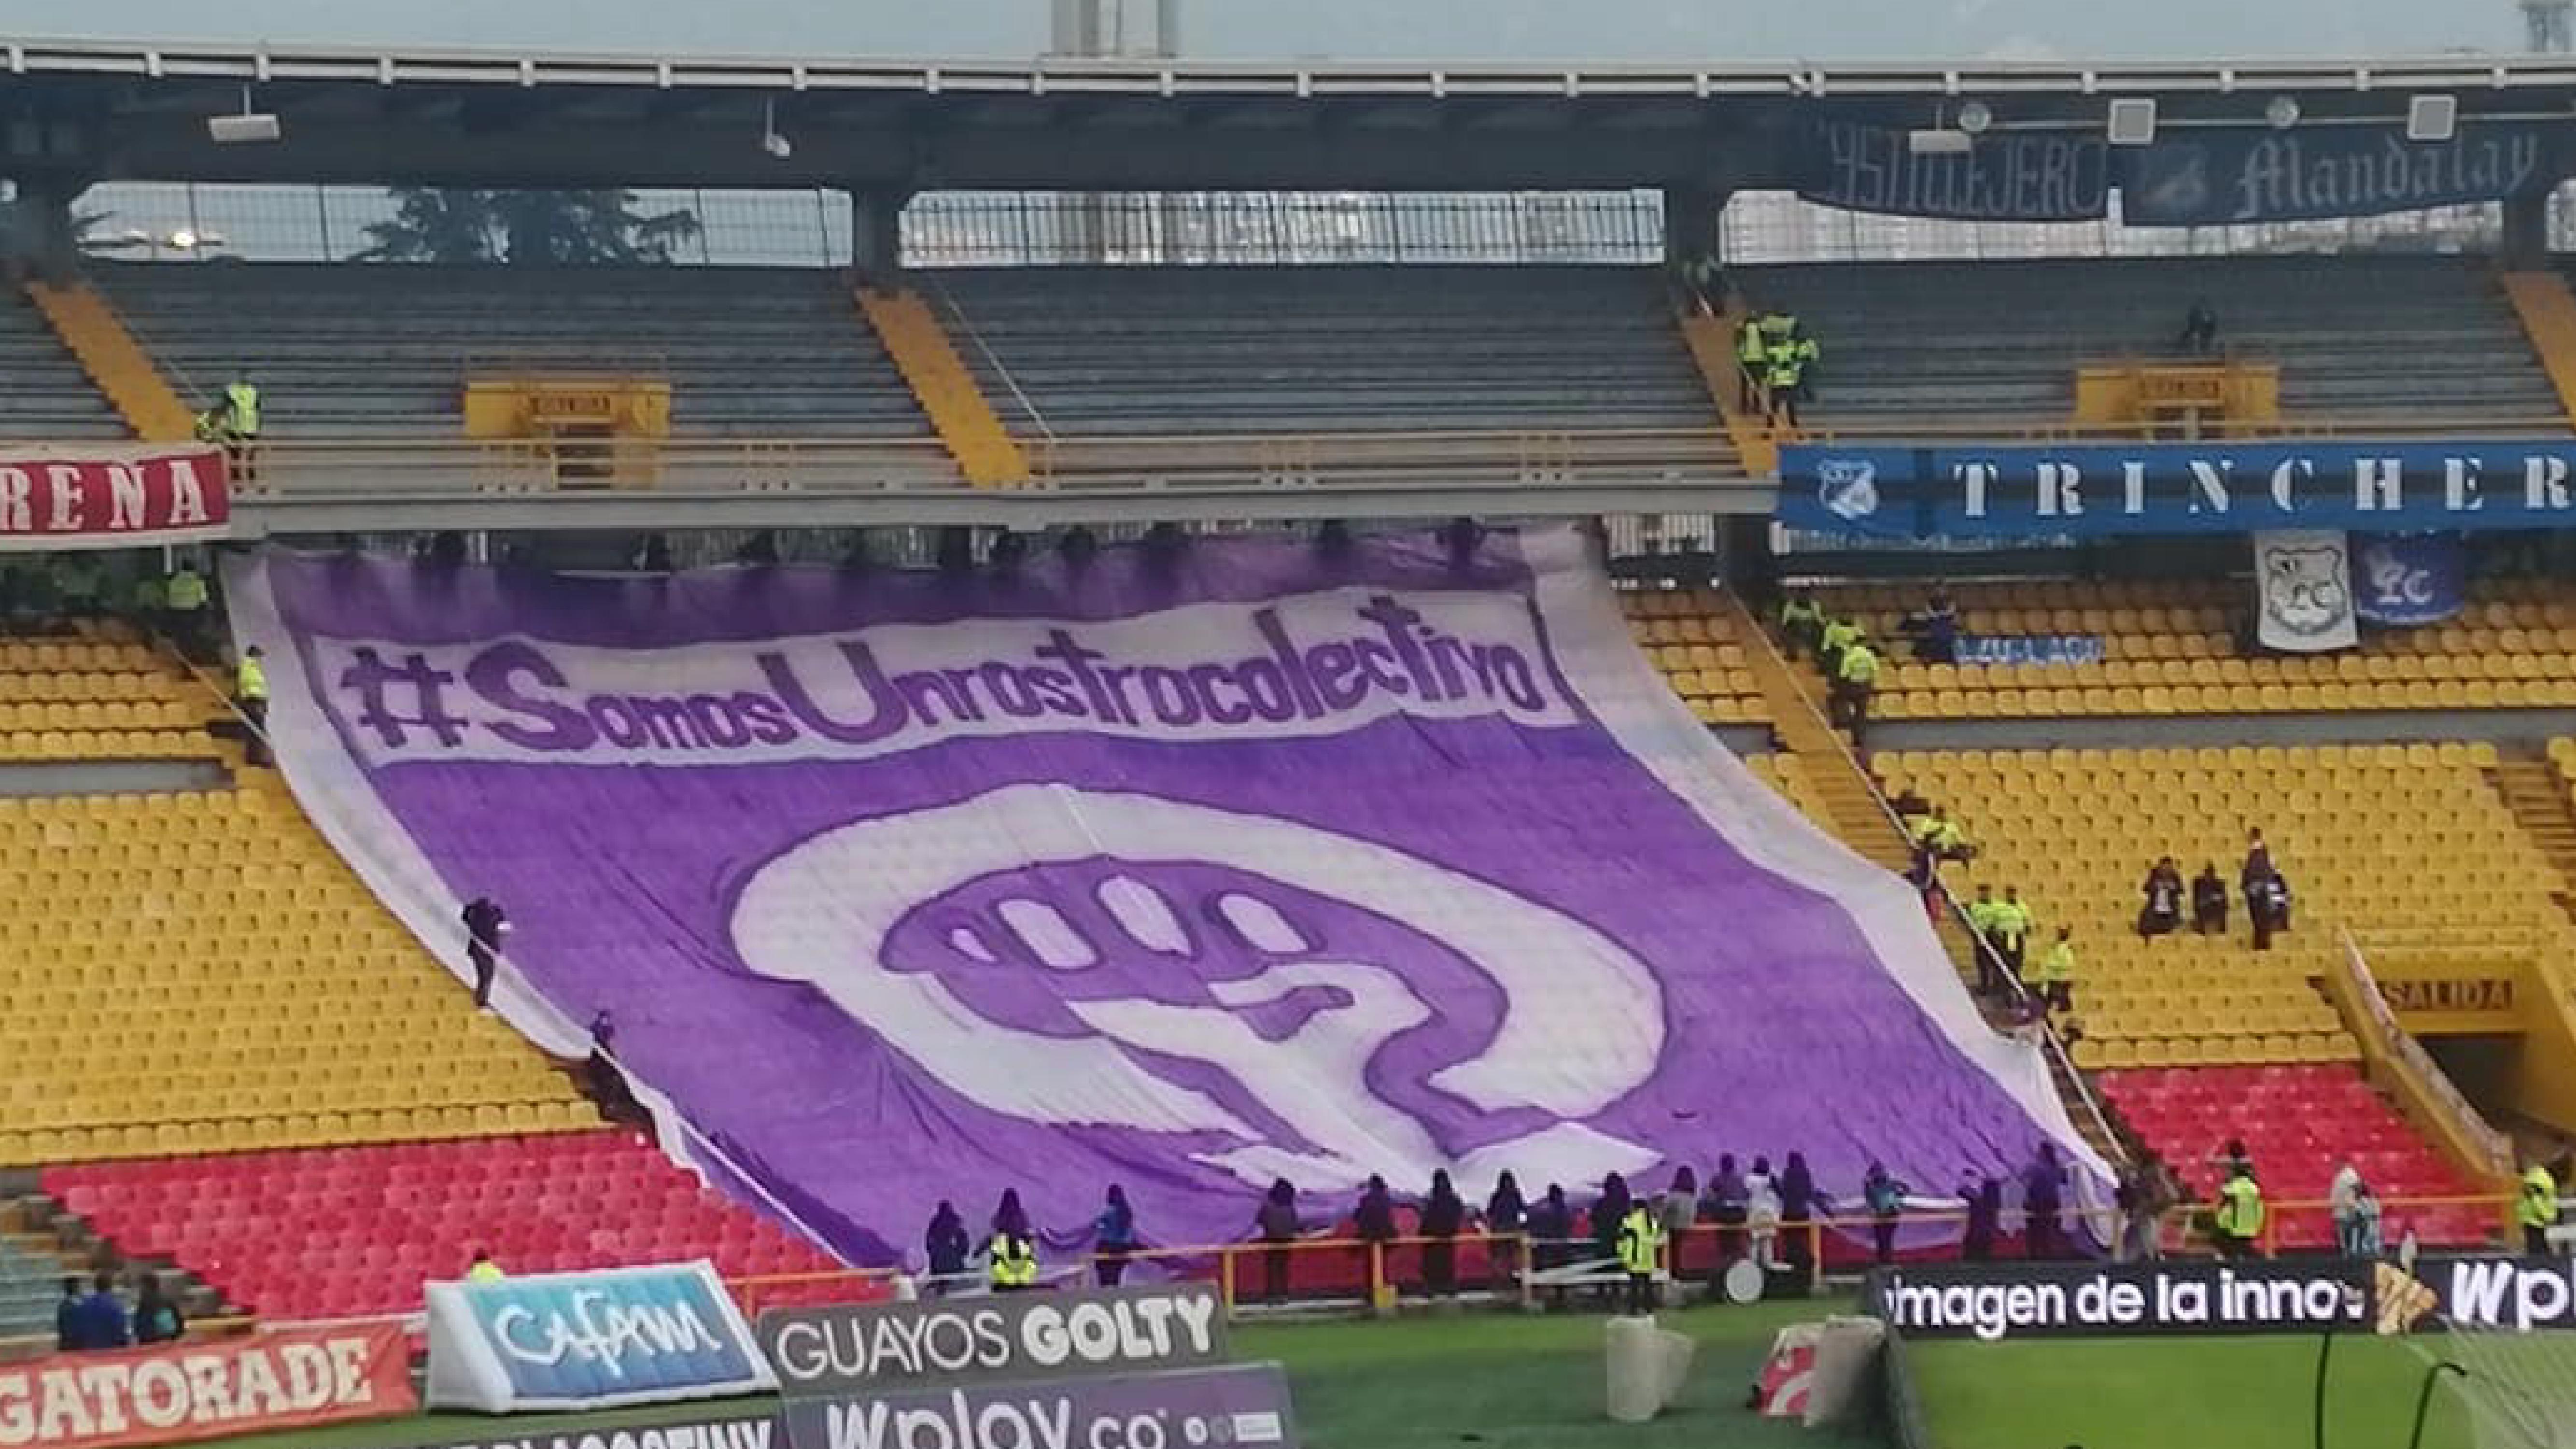 La tribuna también es violeta: estas son las hinchadas feministas de Colombia